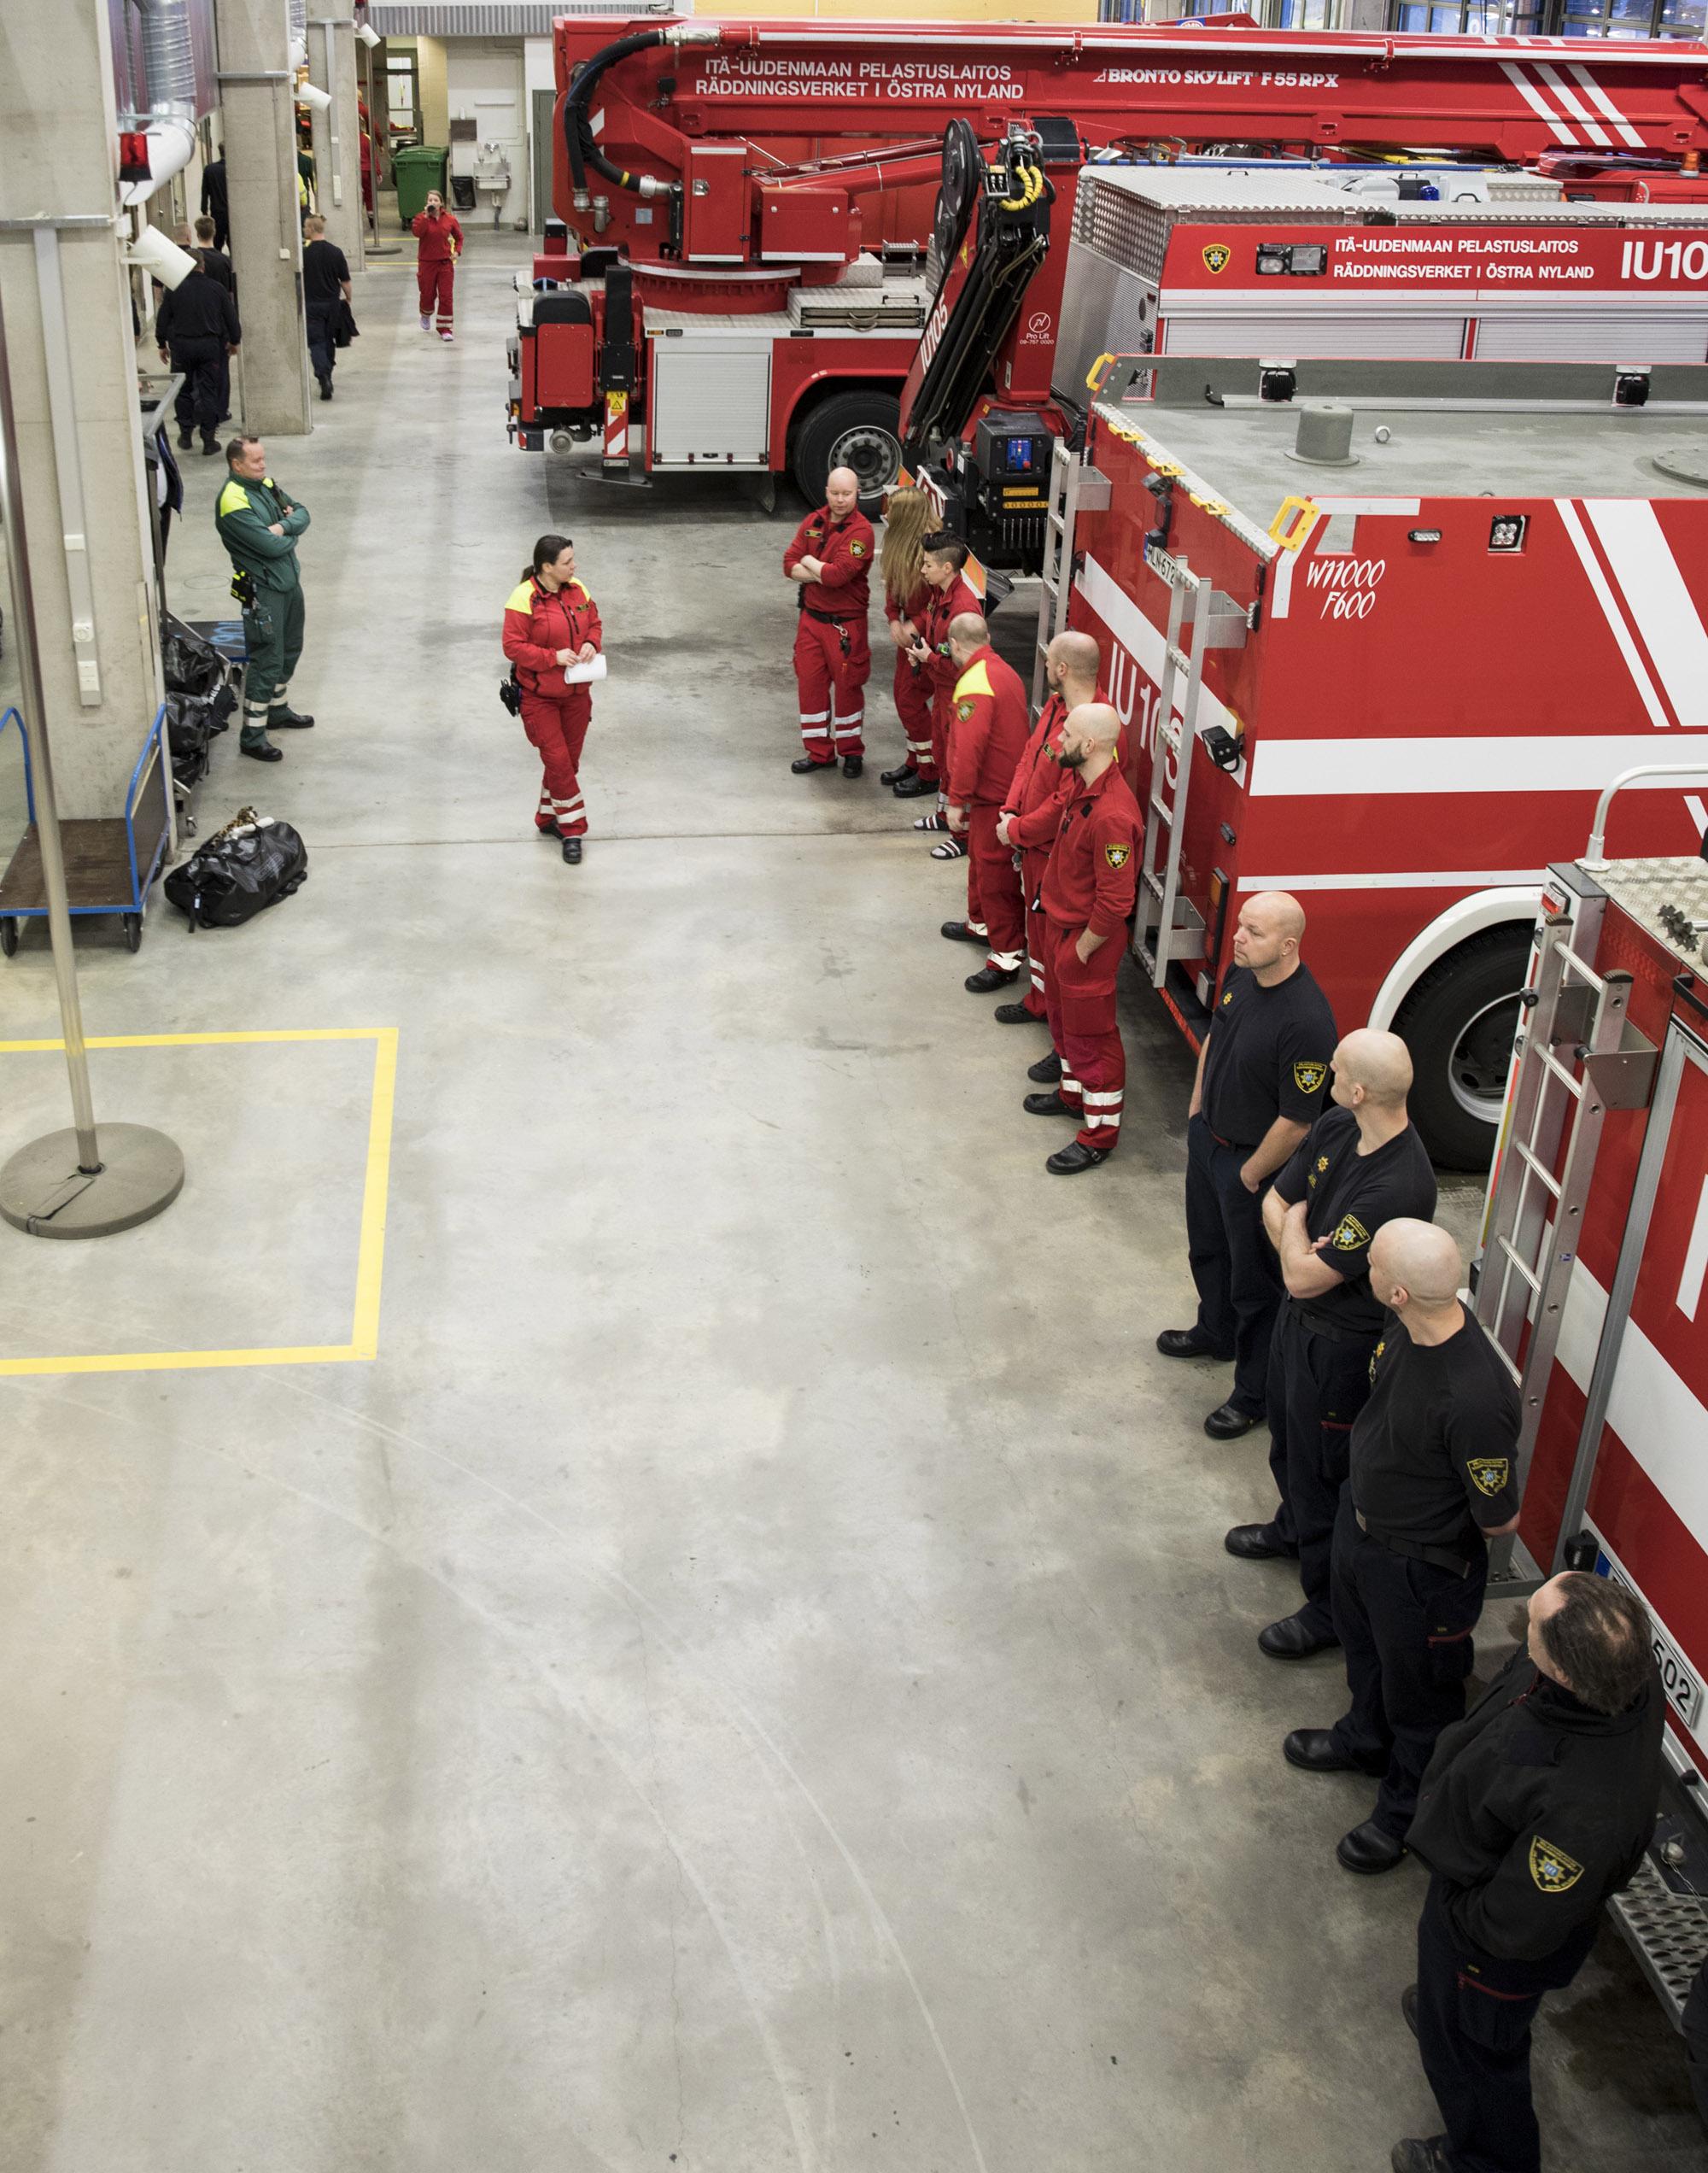 Uusi työvuoro alkaa Itä-Uudenmaan pelastuslaitoksella.